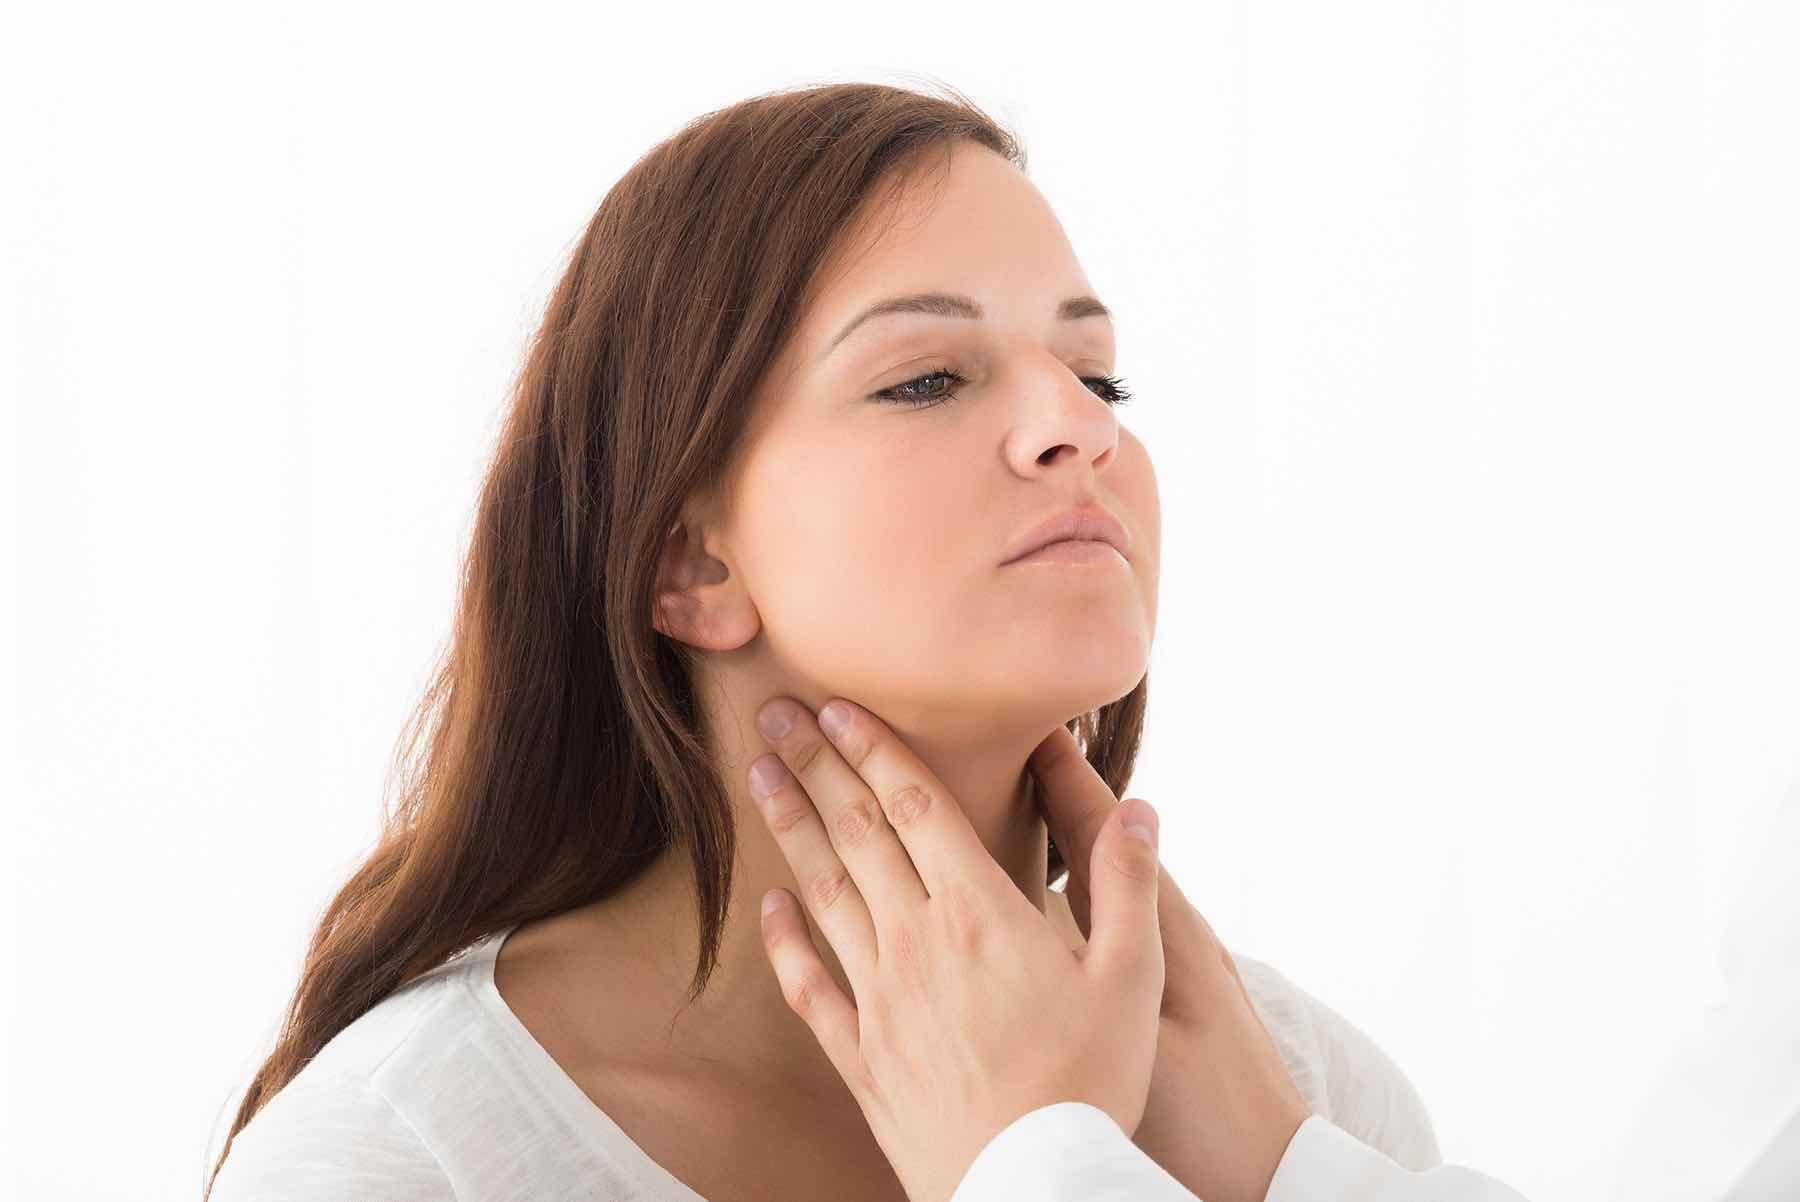 Oral Cancer Checks at Prime Dental Associates | Dr Kushnir Johnsburg Dentist